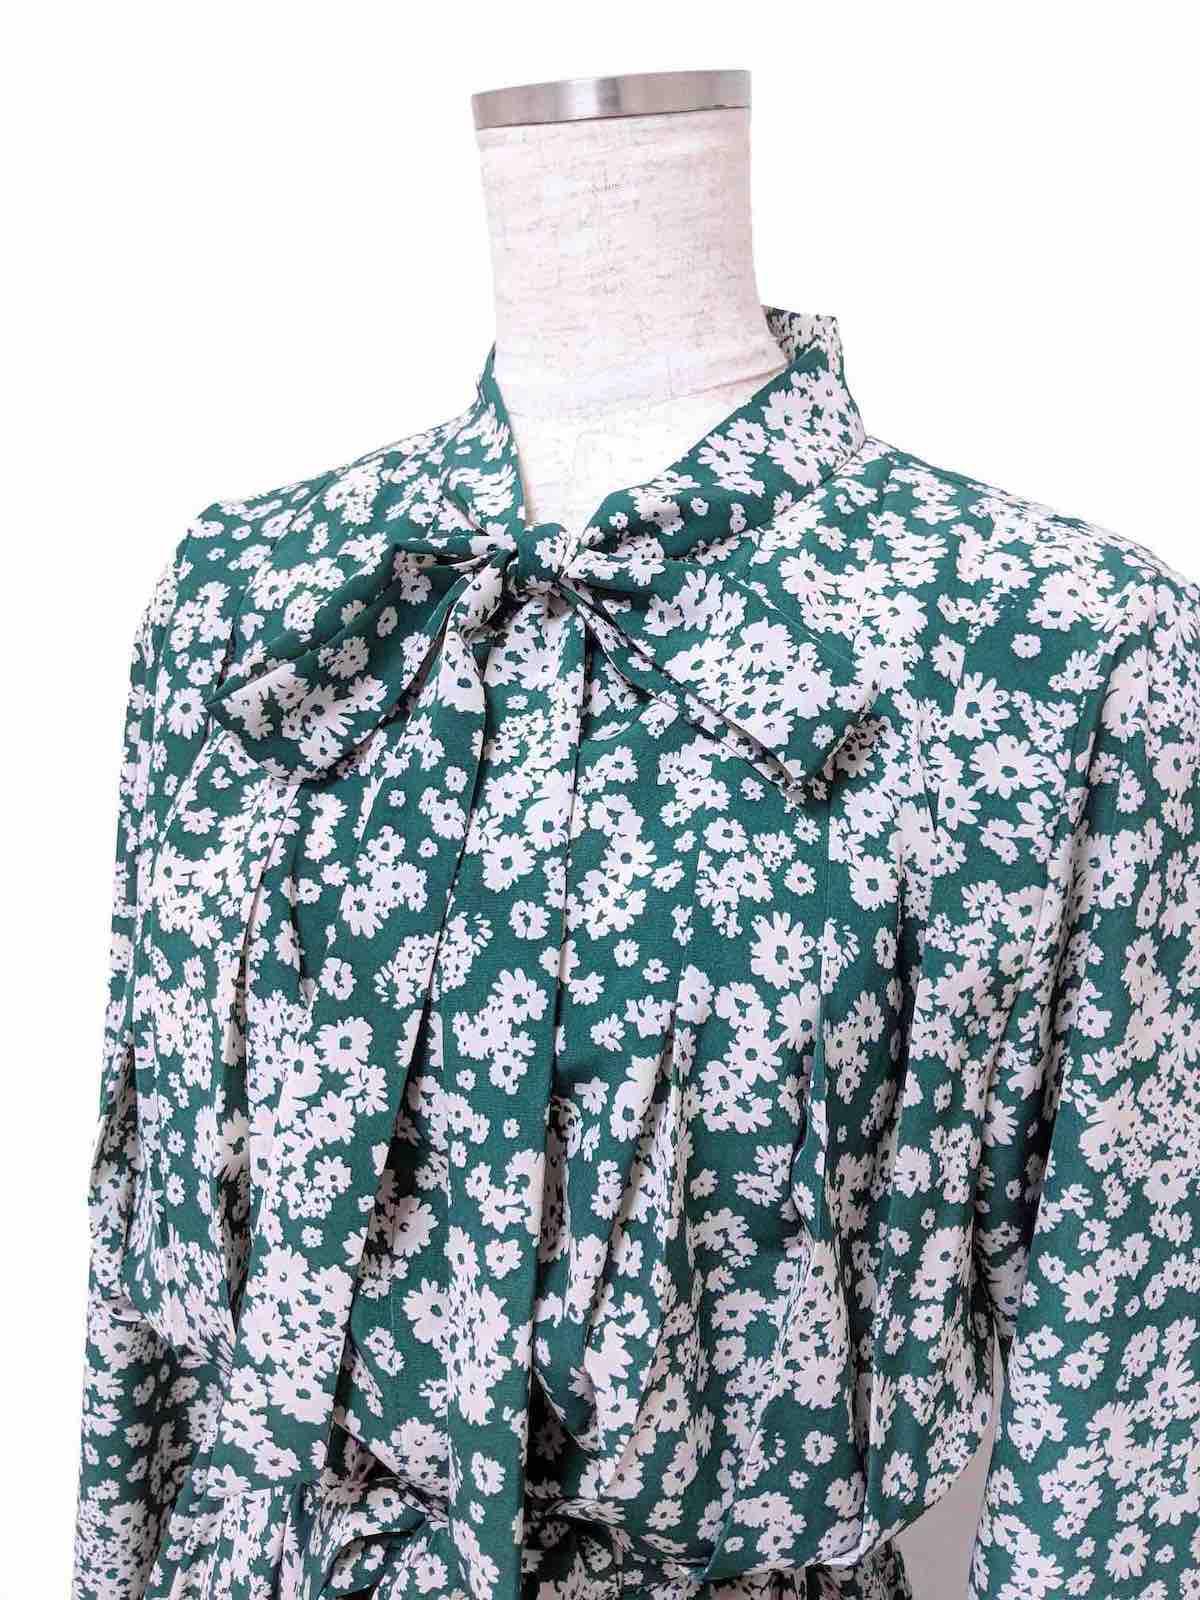 ボウタイシャツワンピース/グリーン